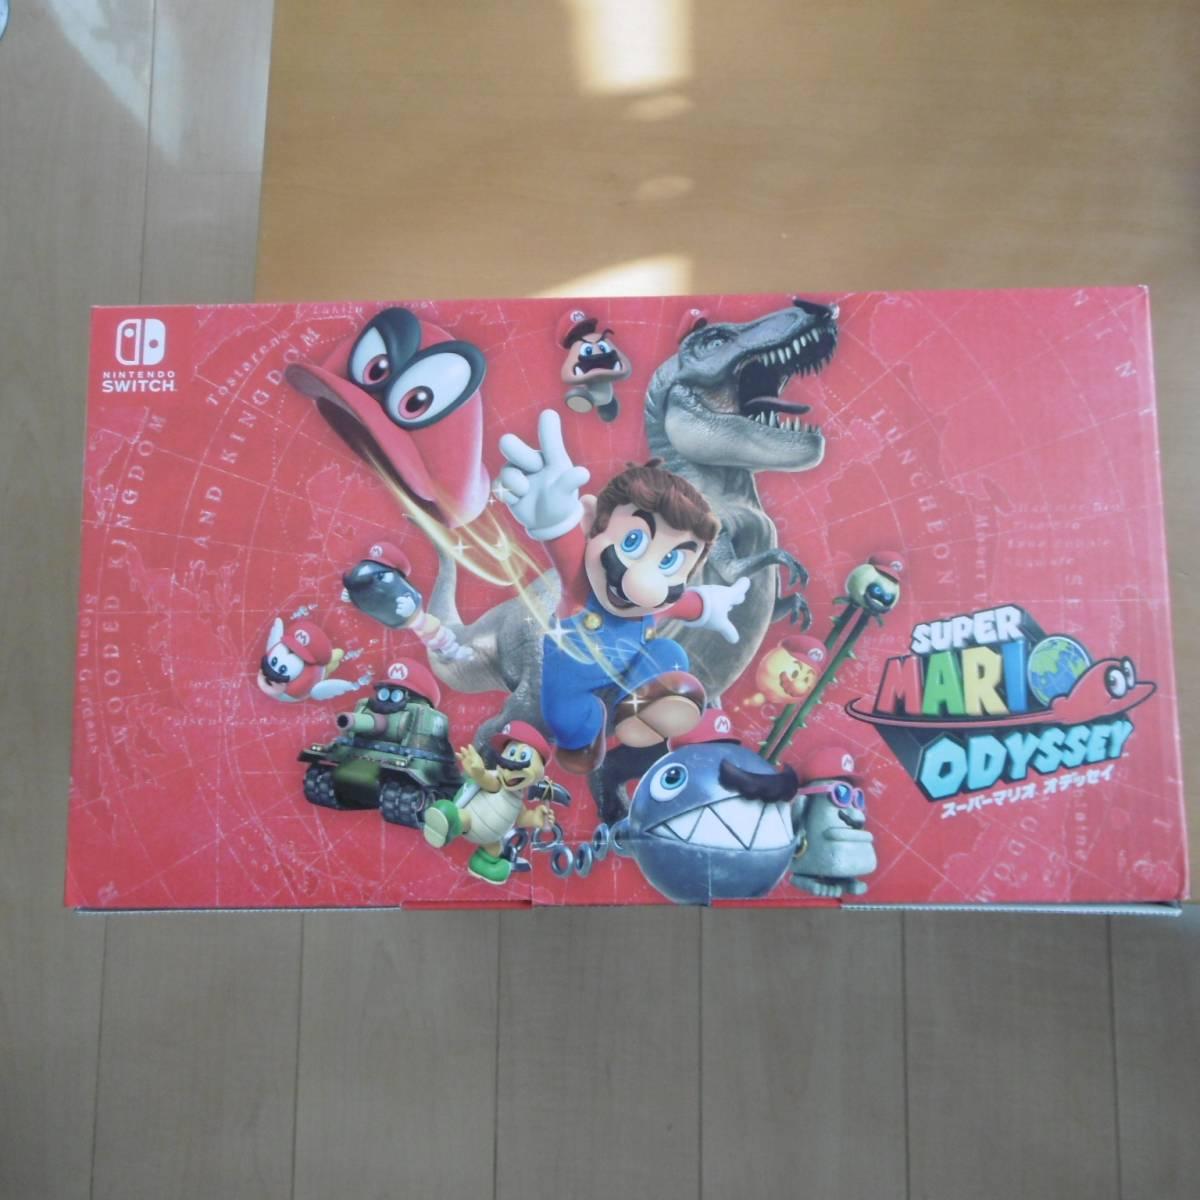 【新品☆未開封】Nintendo Switch 任天堂 ニンテンドー スイッチ 本体 スーパーマリオ オデッセイセット 保証付き11月19日購入_画像3